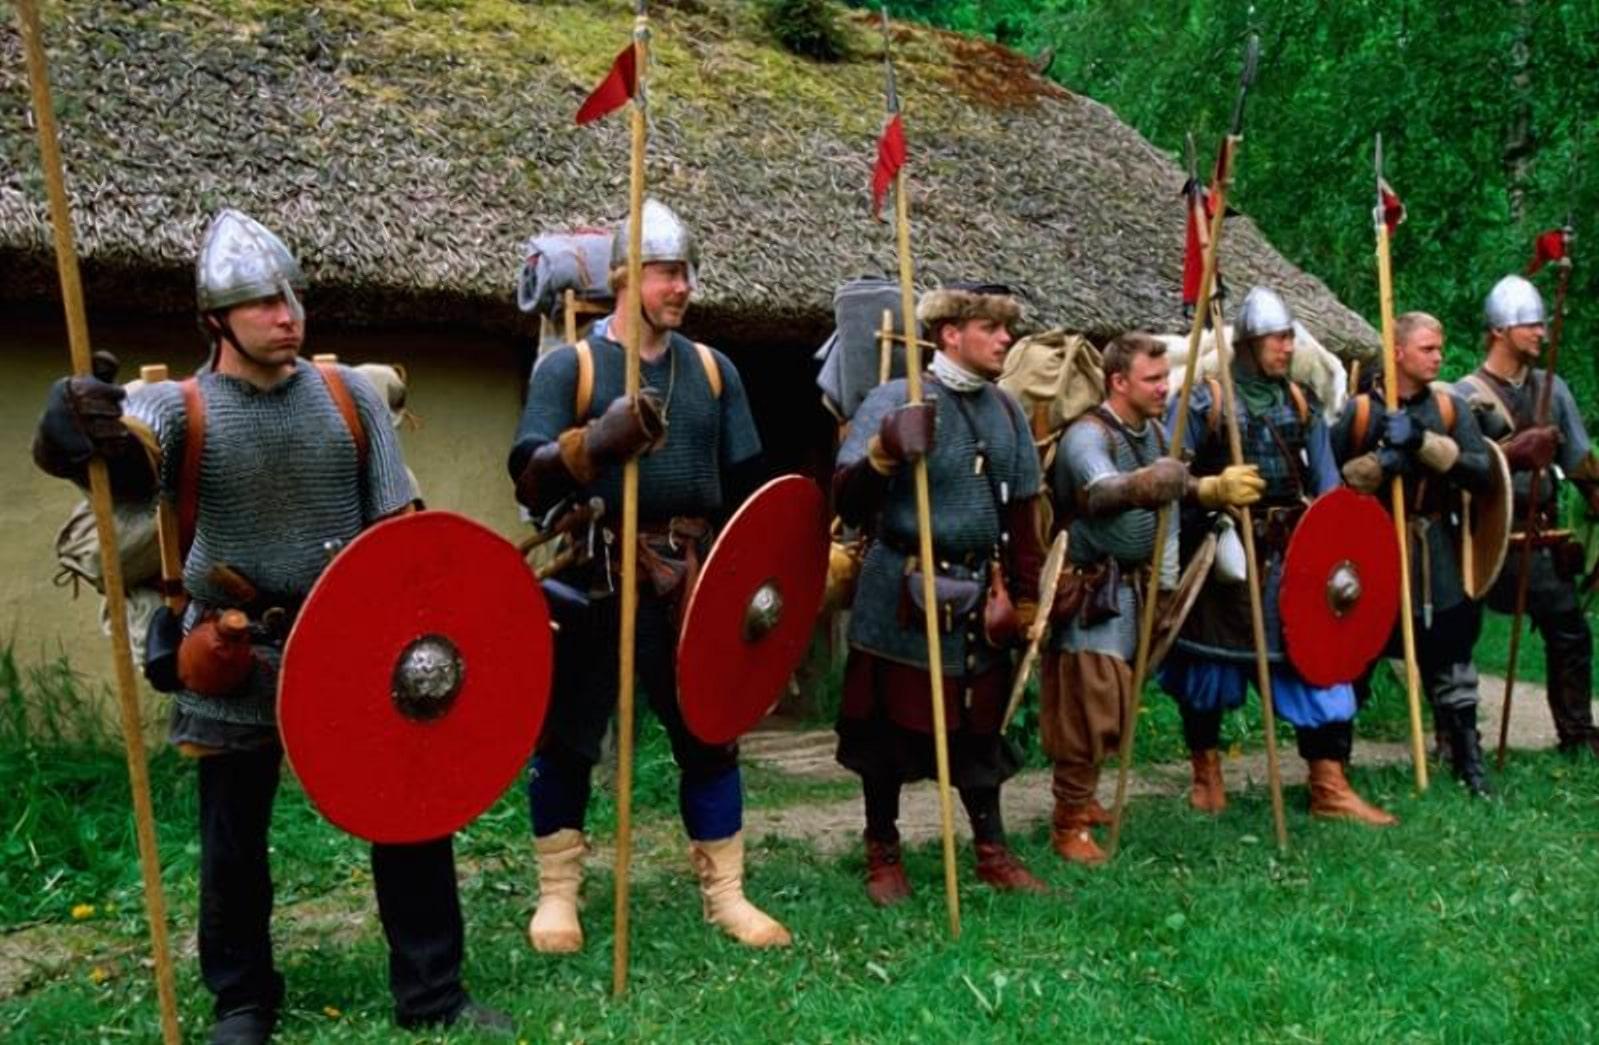 Дружина викингов реставраторы